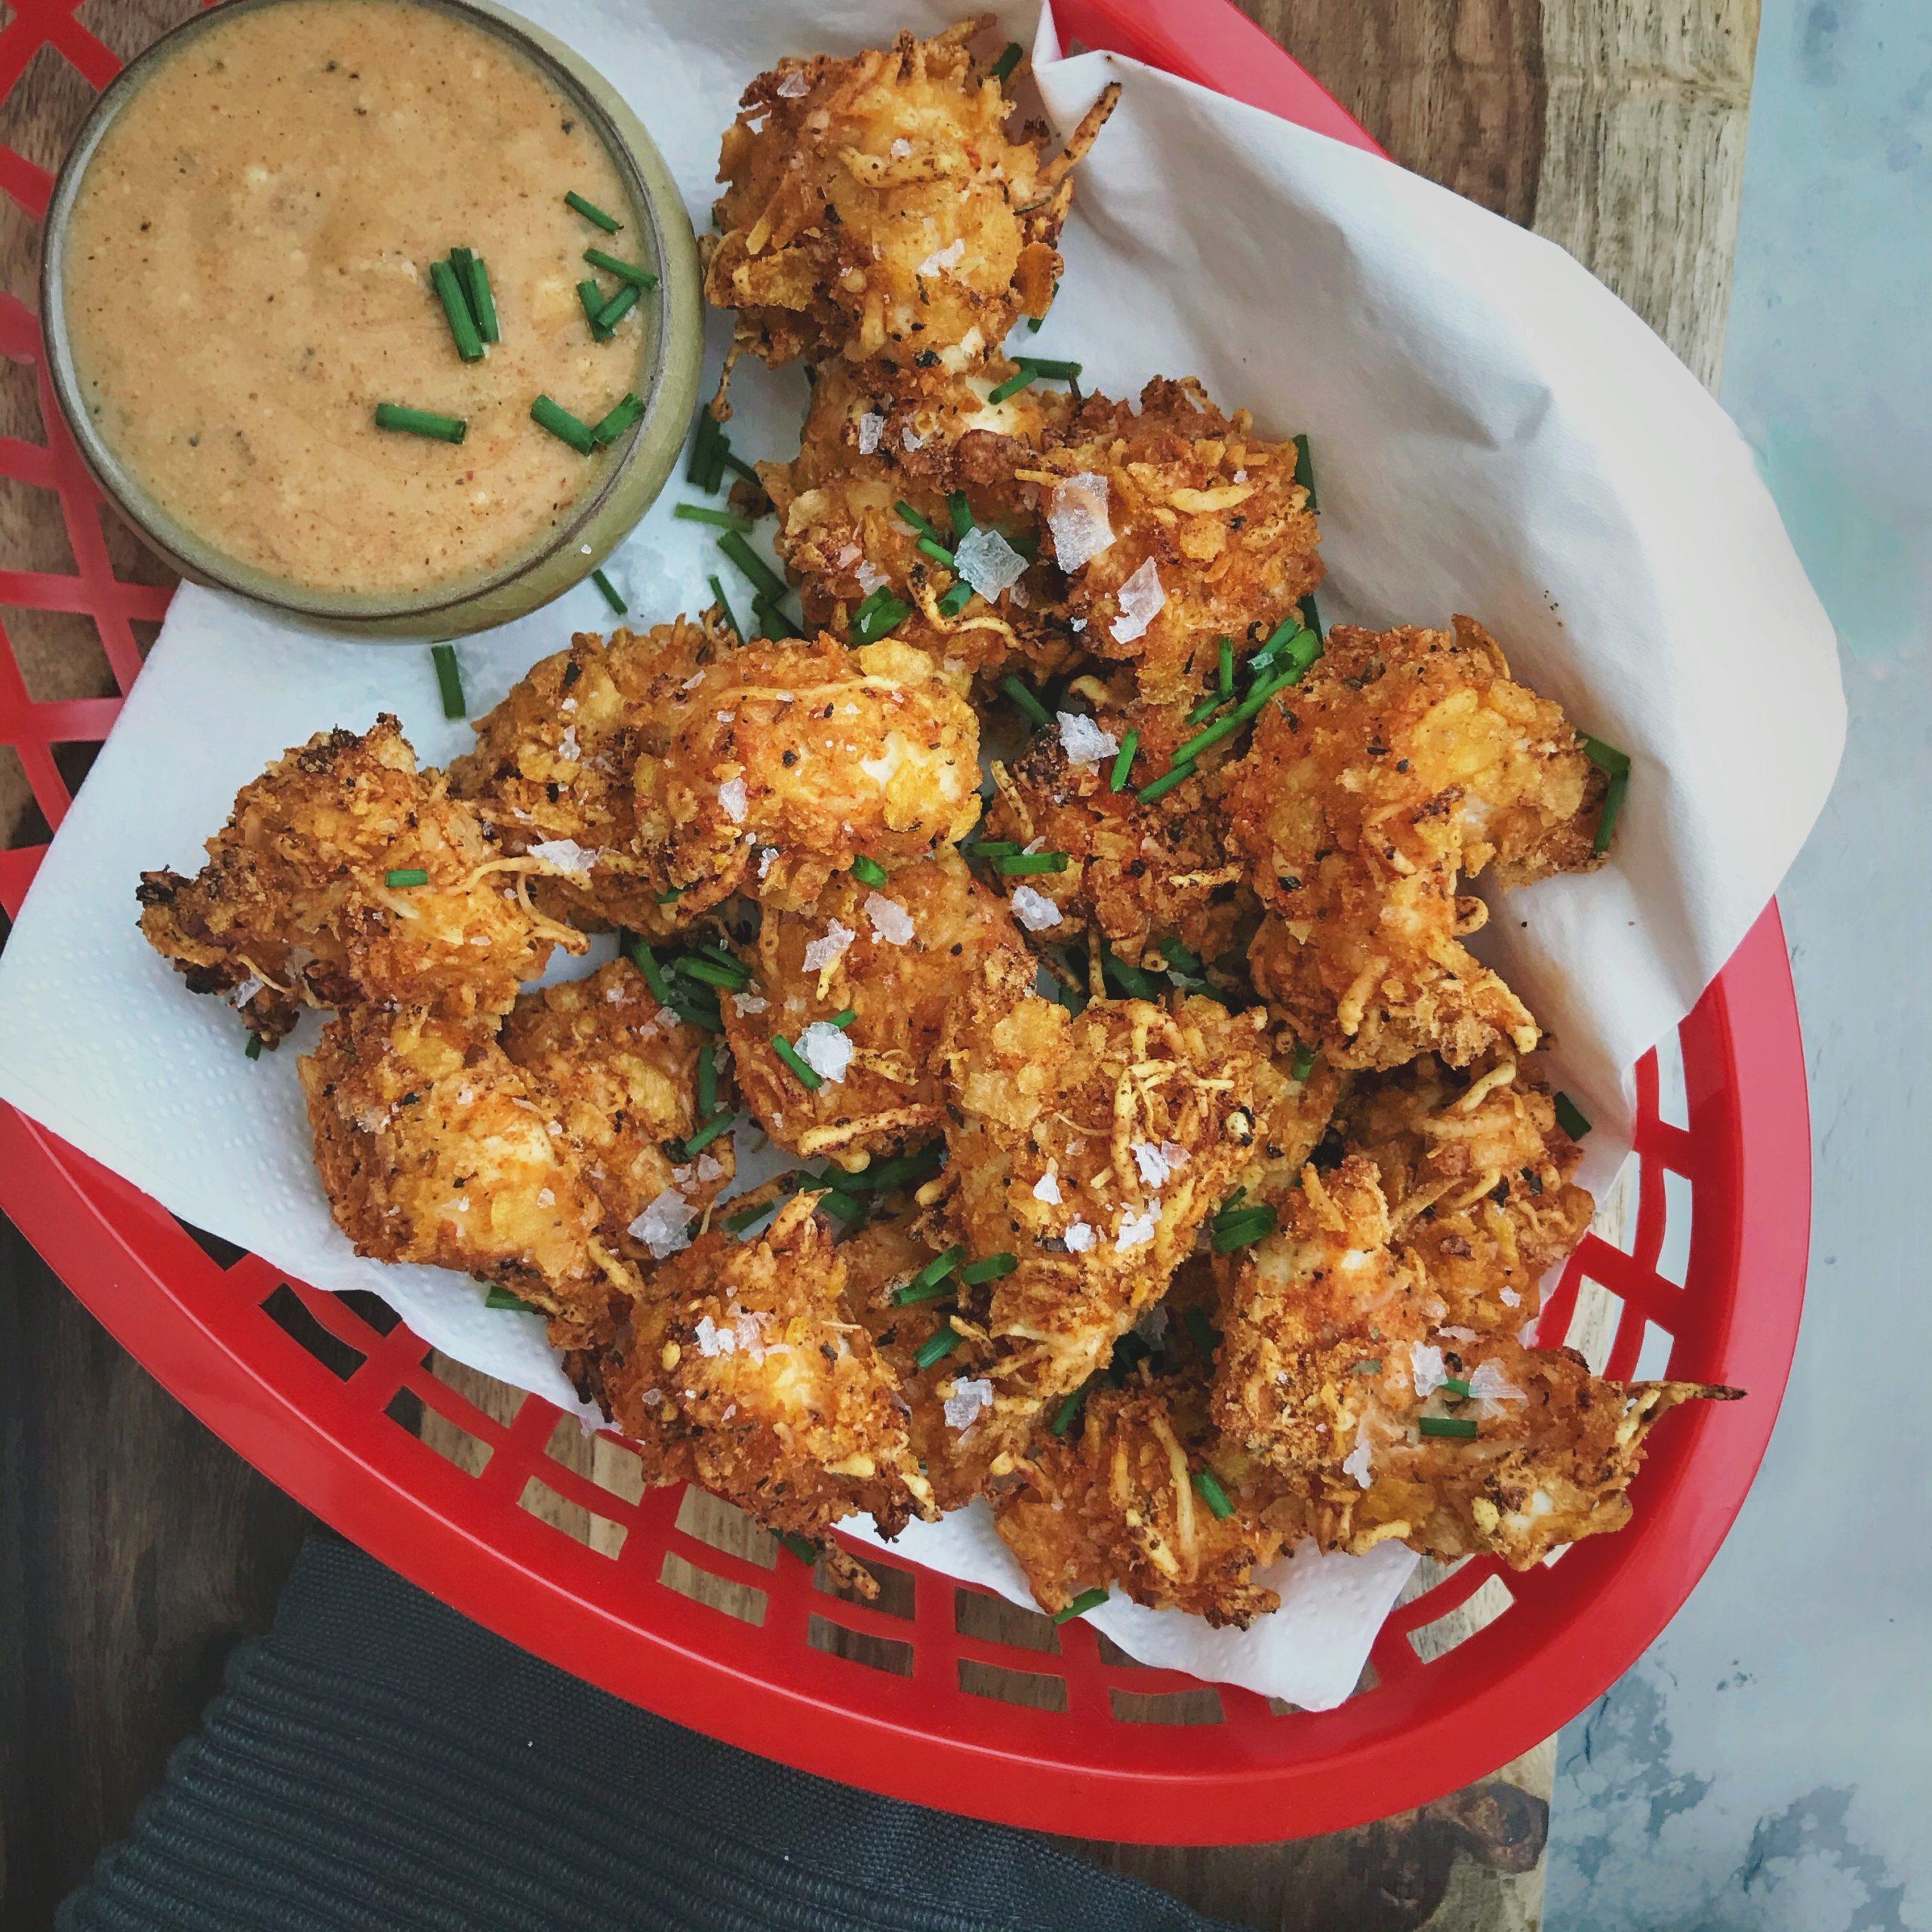 Popcorn chicken met een pittige honingmosterdsaus